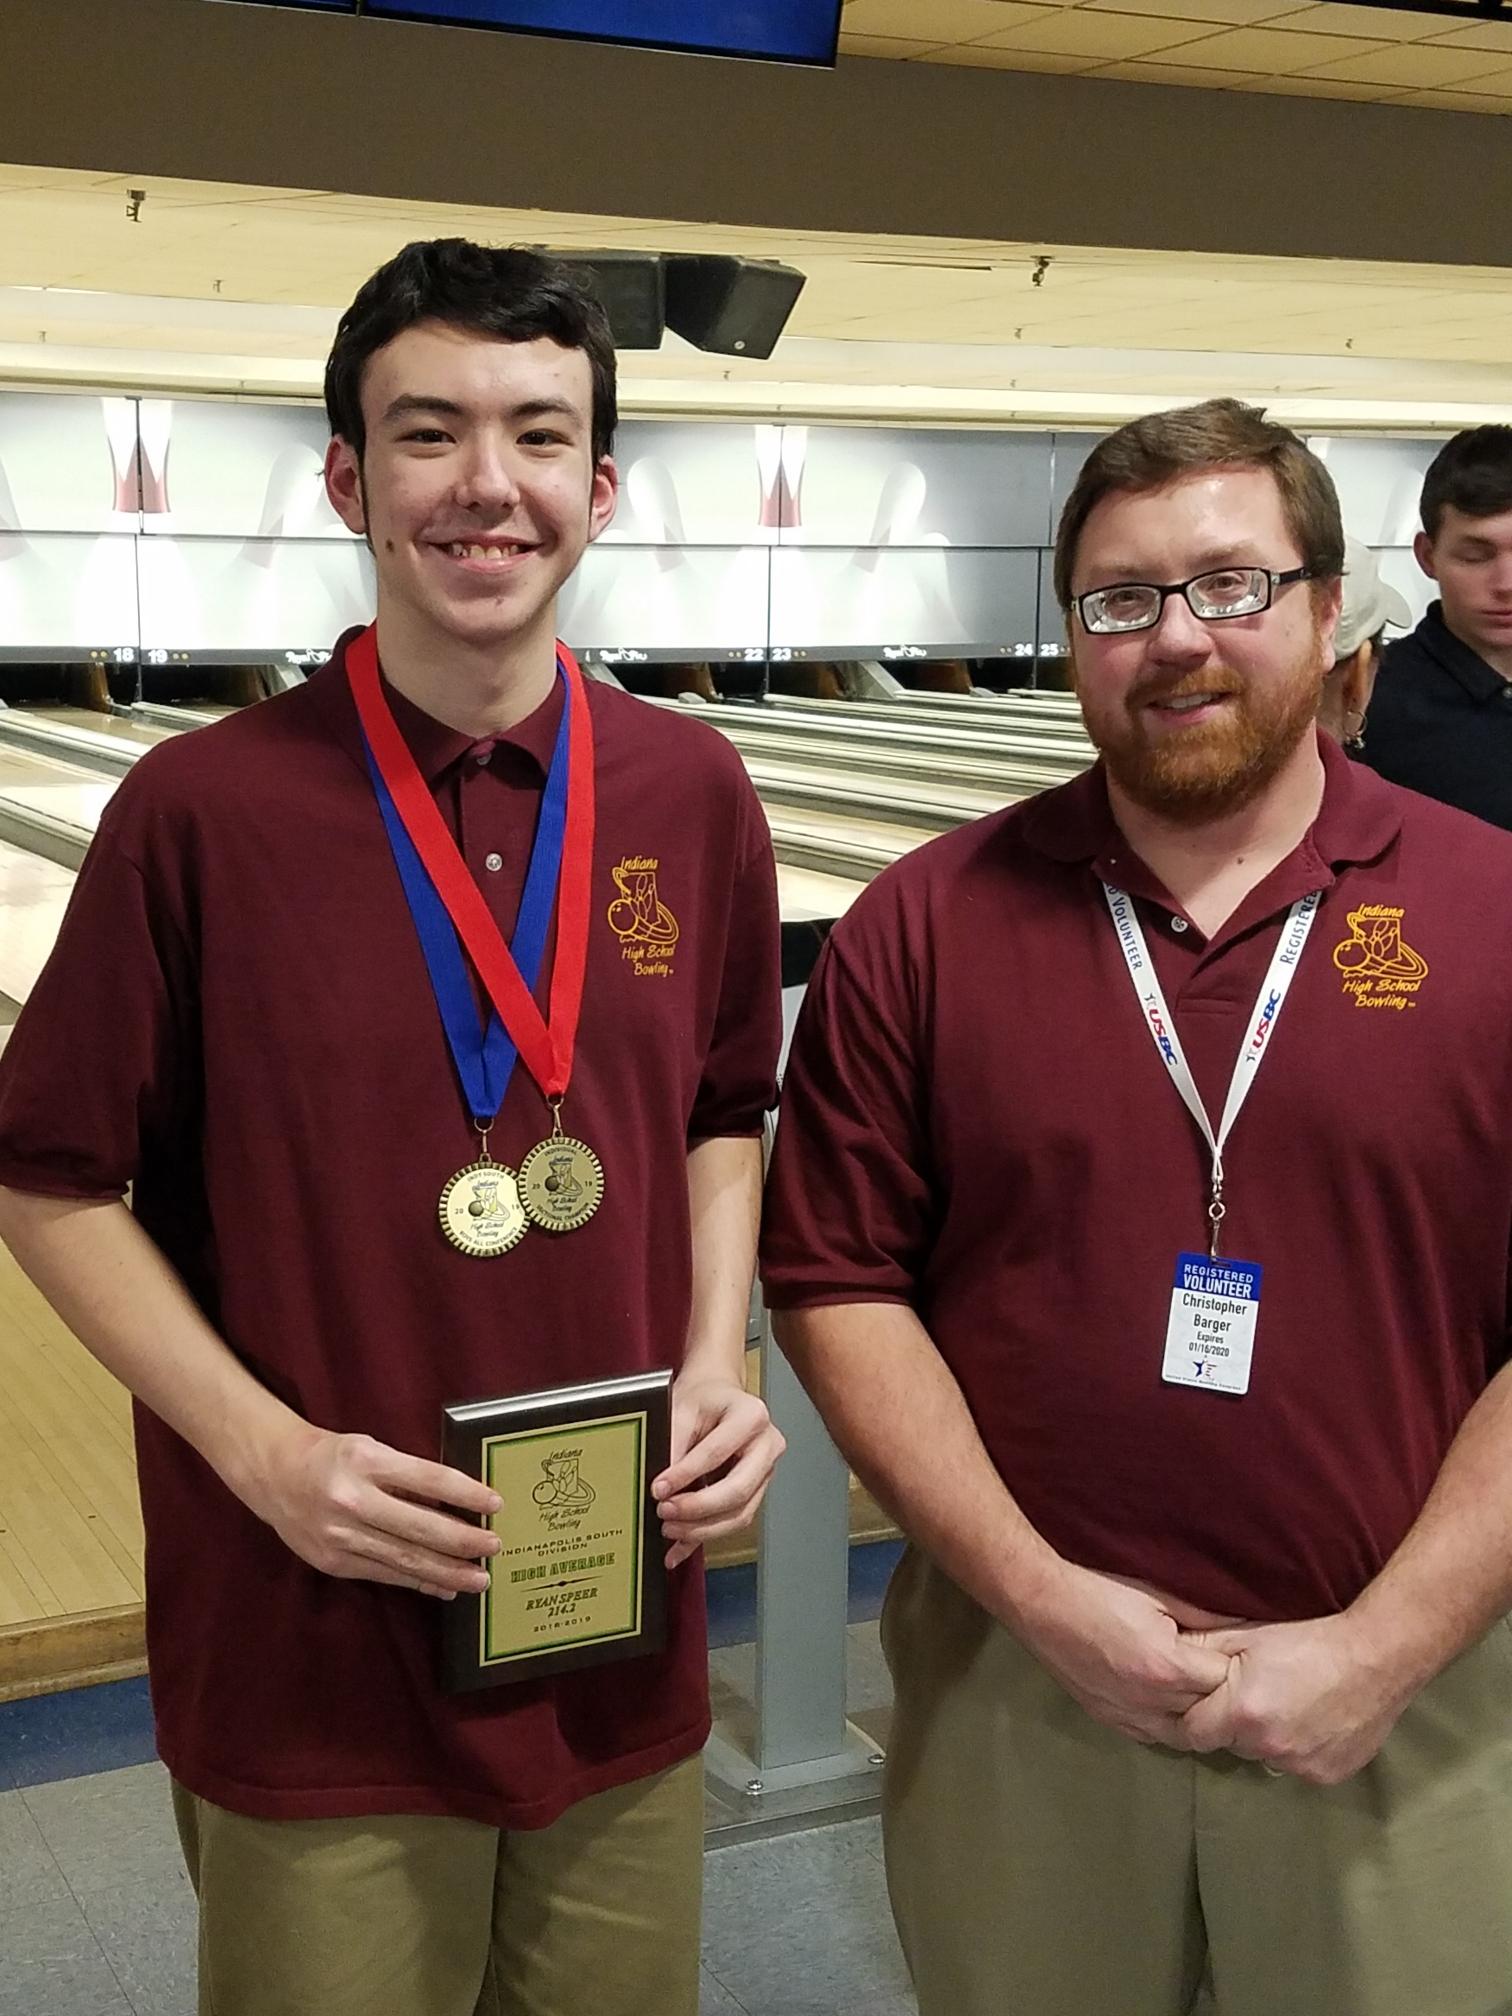 Ryan Speer, LHS Bowling